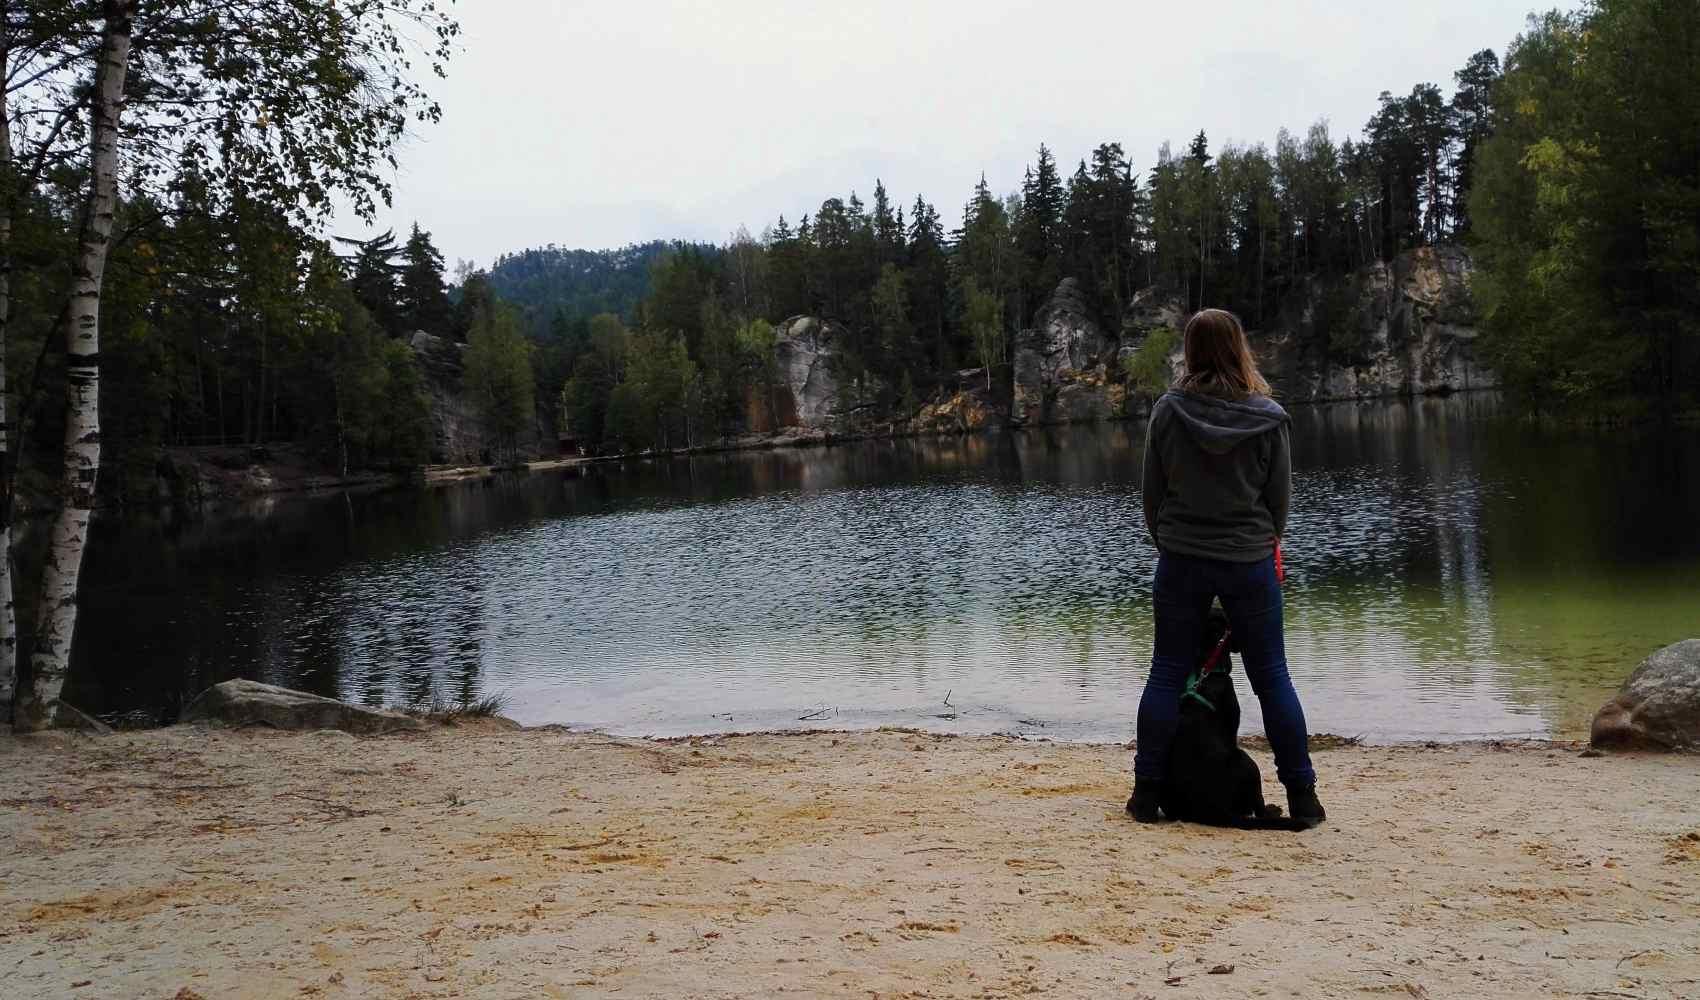 Ja i Jussi nad jeziorkiem w dawnej piaskowni